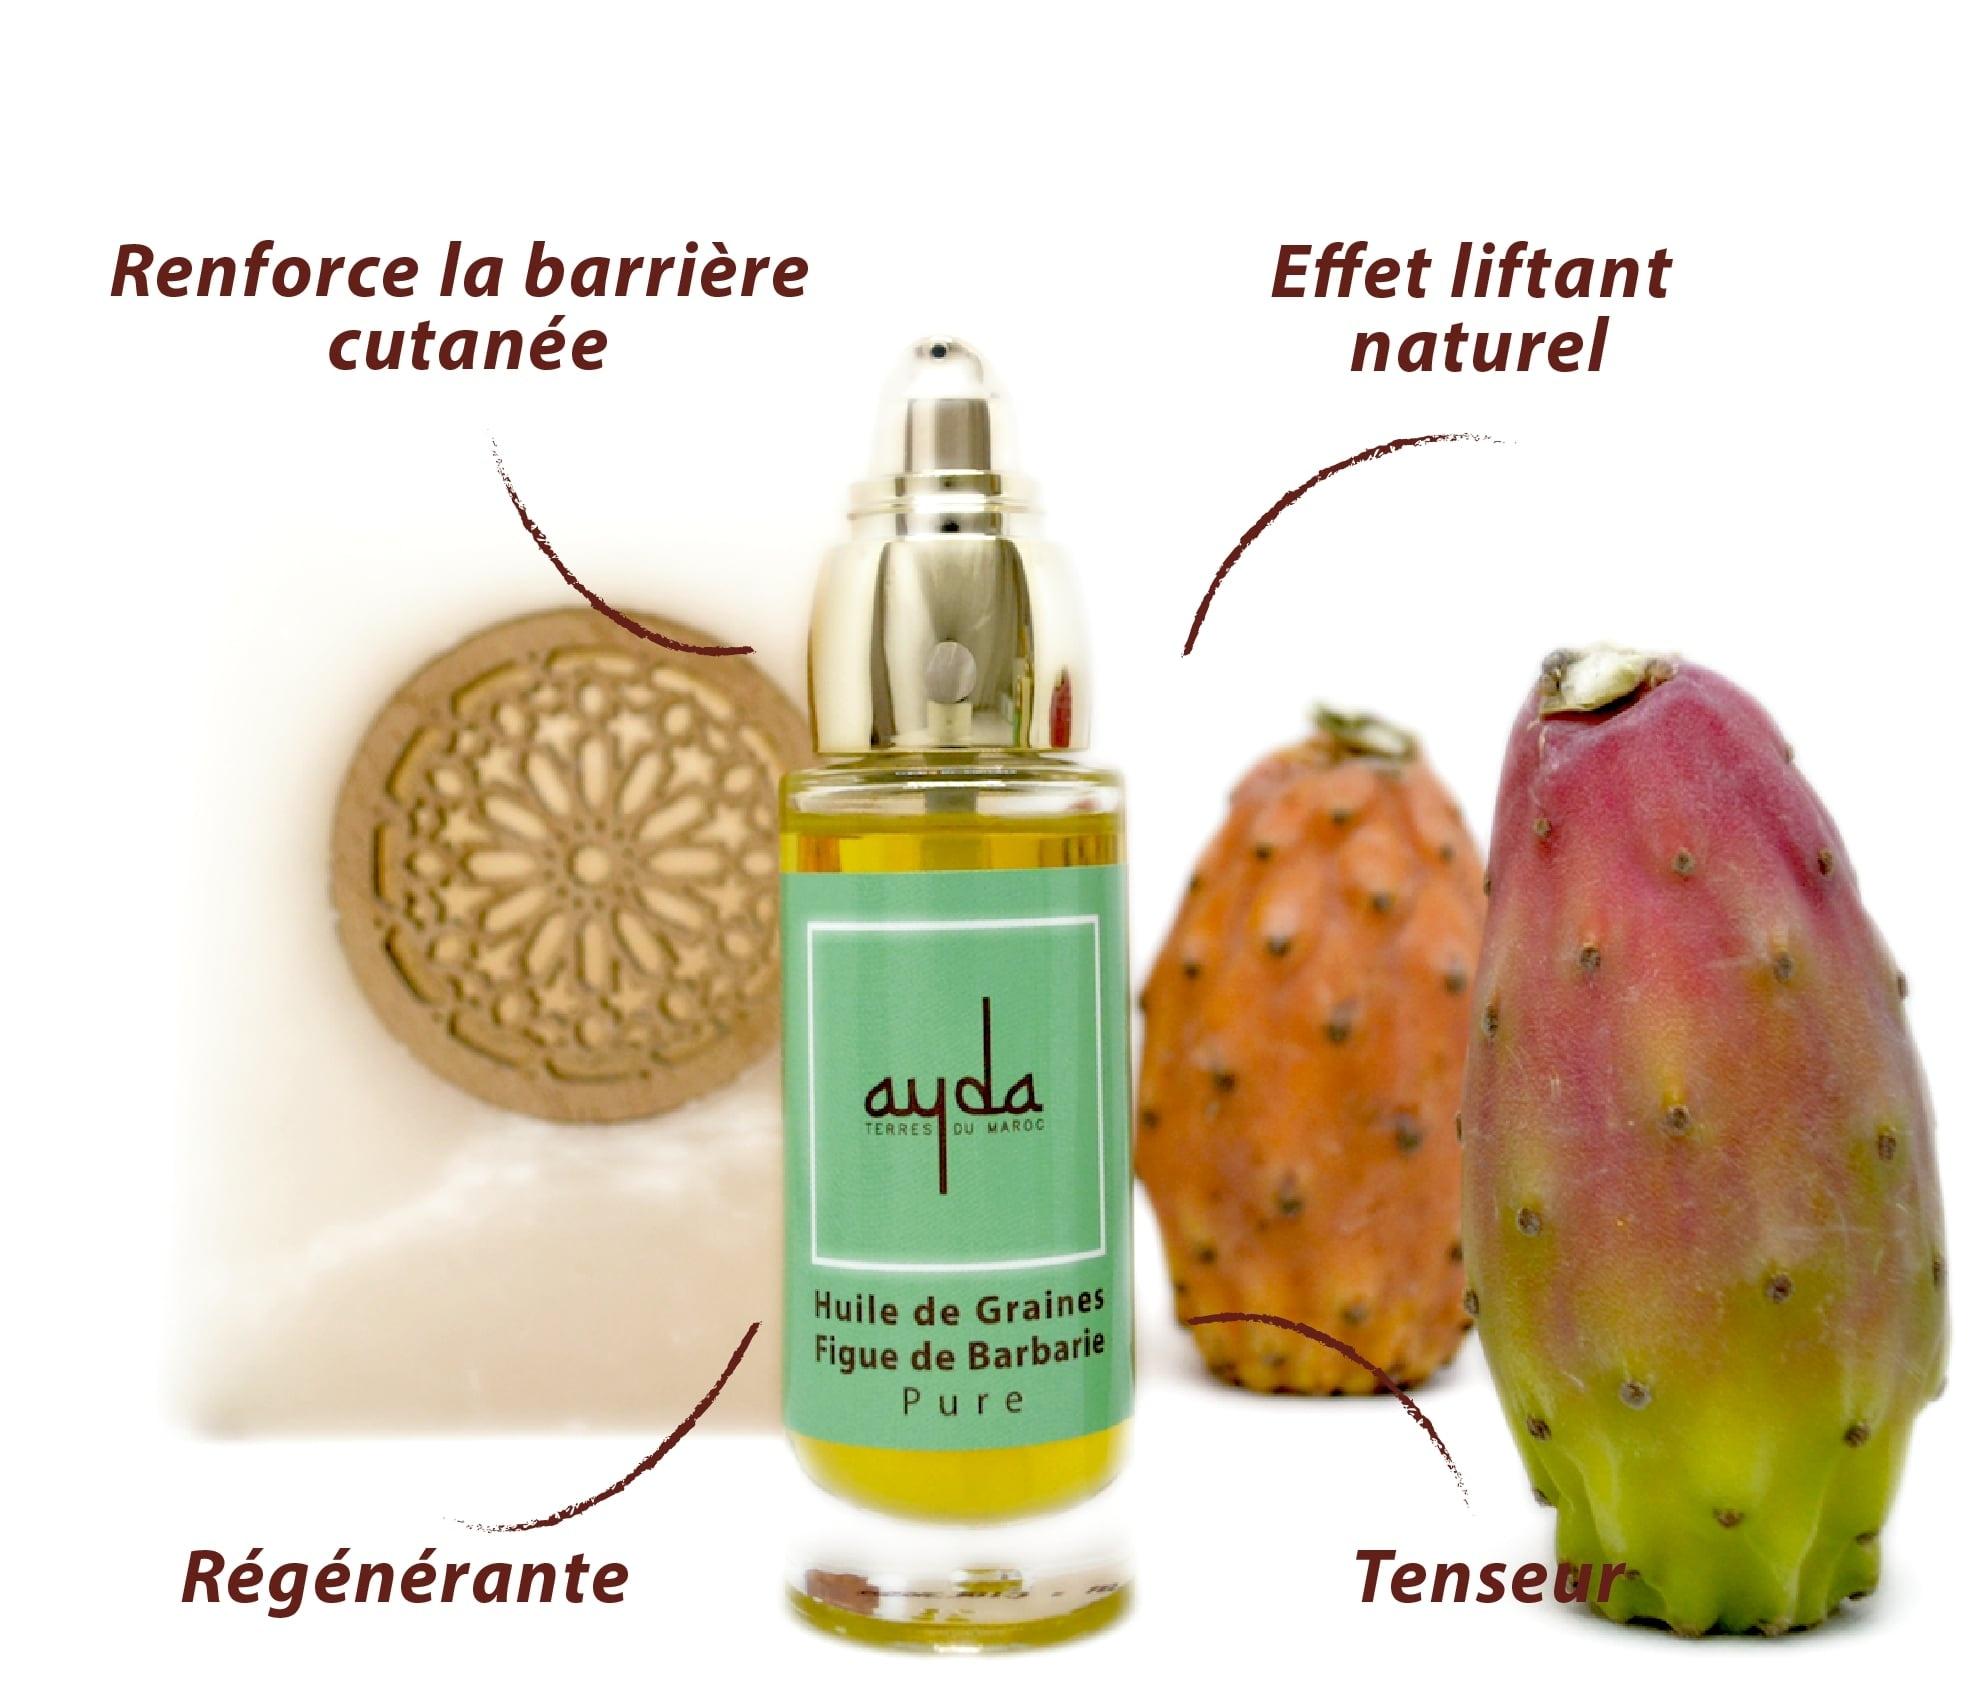 huile-figue-de-barbarie-ayda-30ml-bienfaits